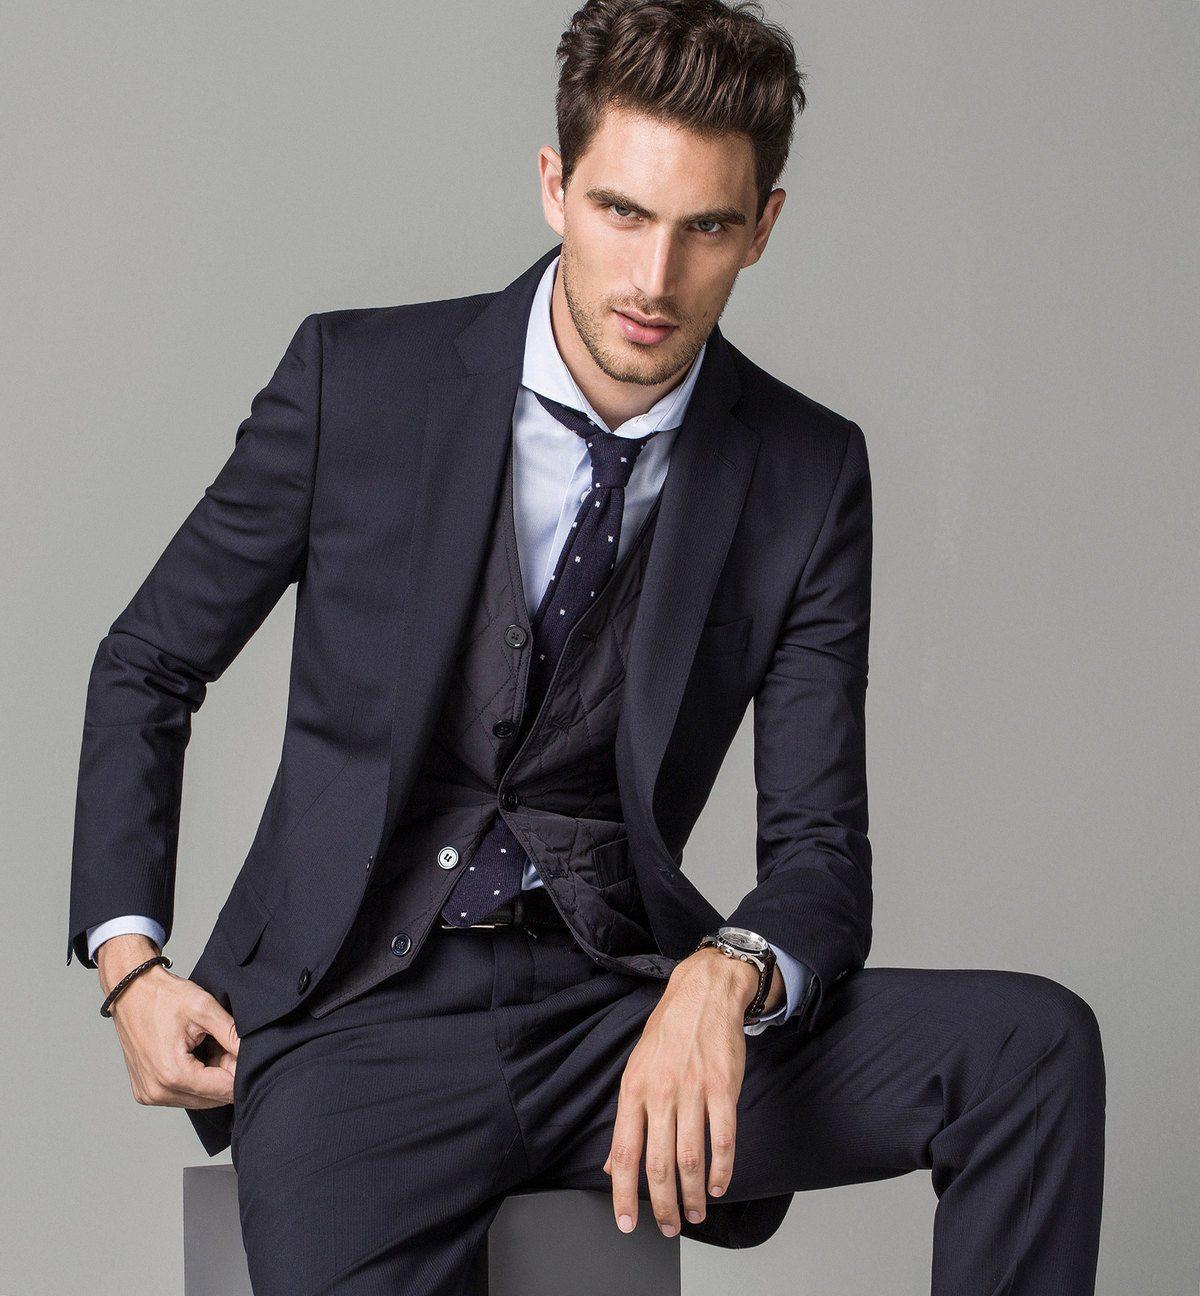 Tendencias trajes hombre 2015 traje azul massimo dutti - Tendencias peinados hombre 2015 ...